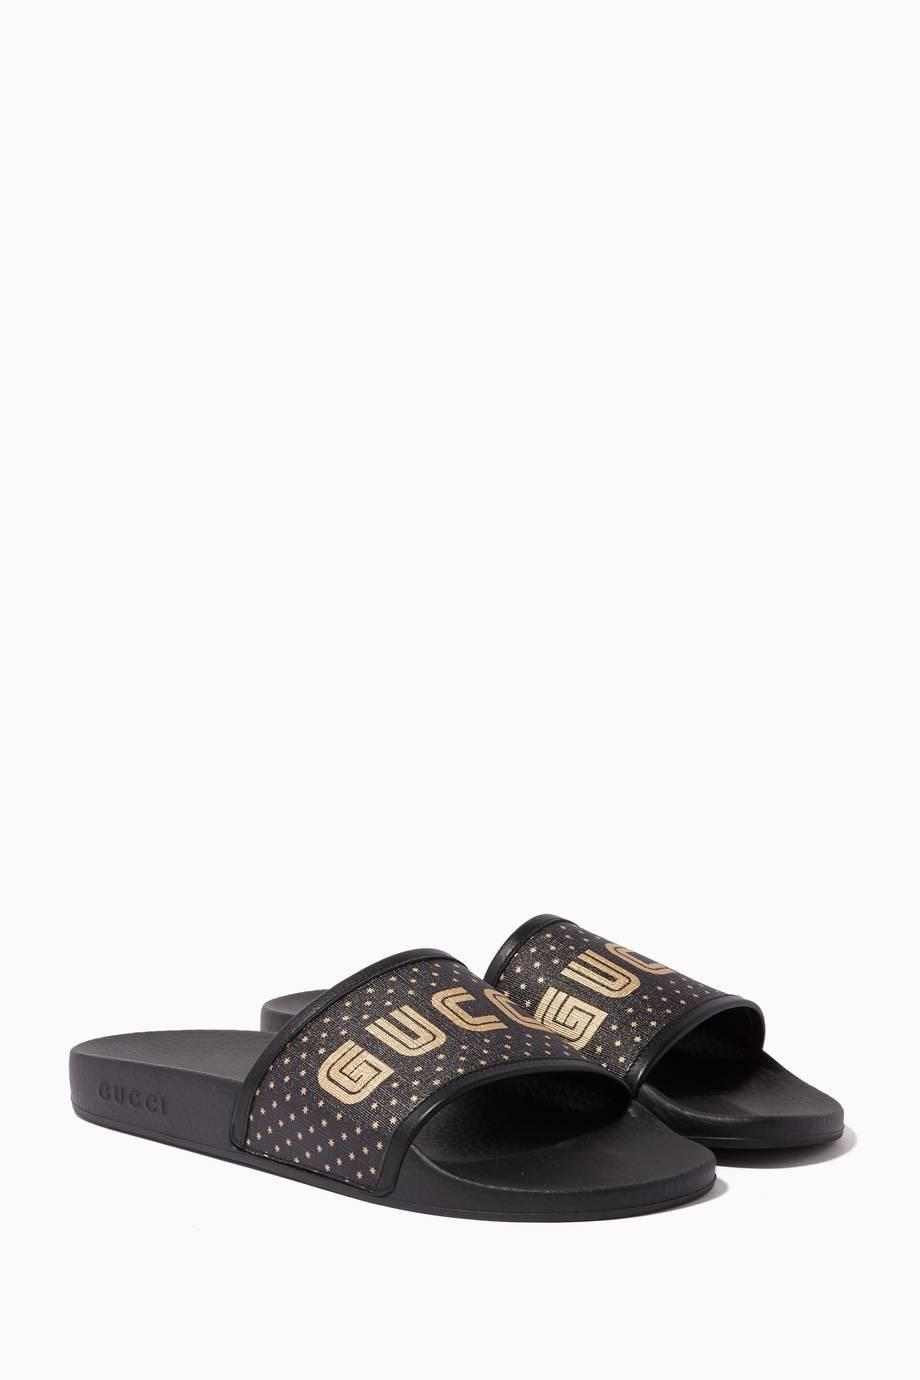 83d6fd8ac371 Shop Luxury Gucci Black Pursuit Guccy Rubber Slides